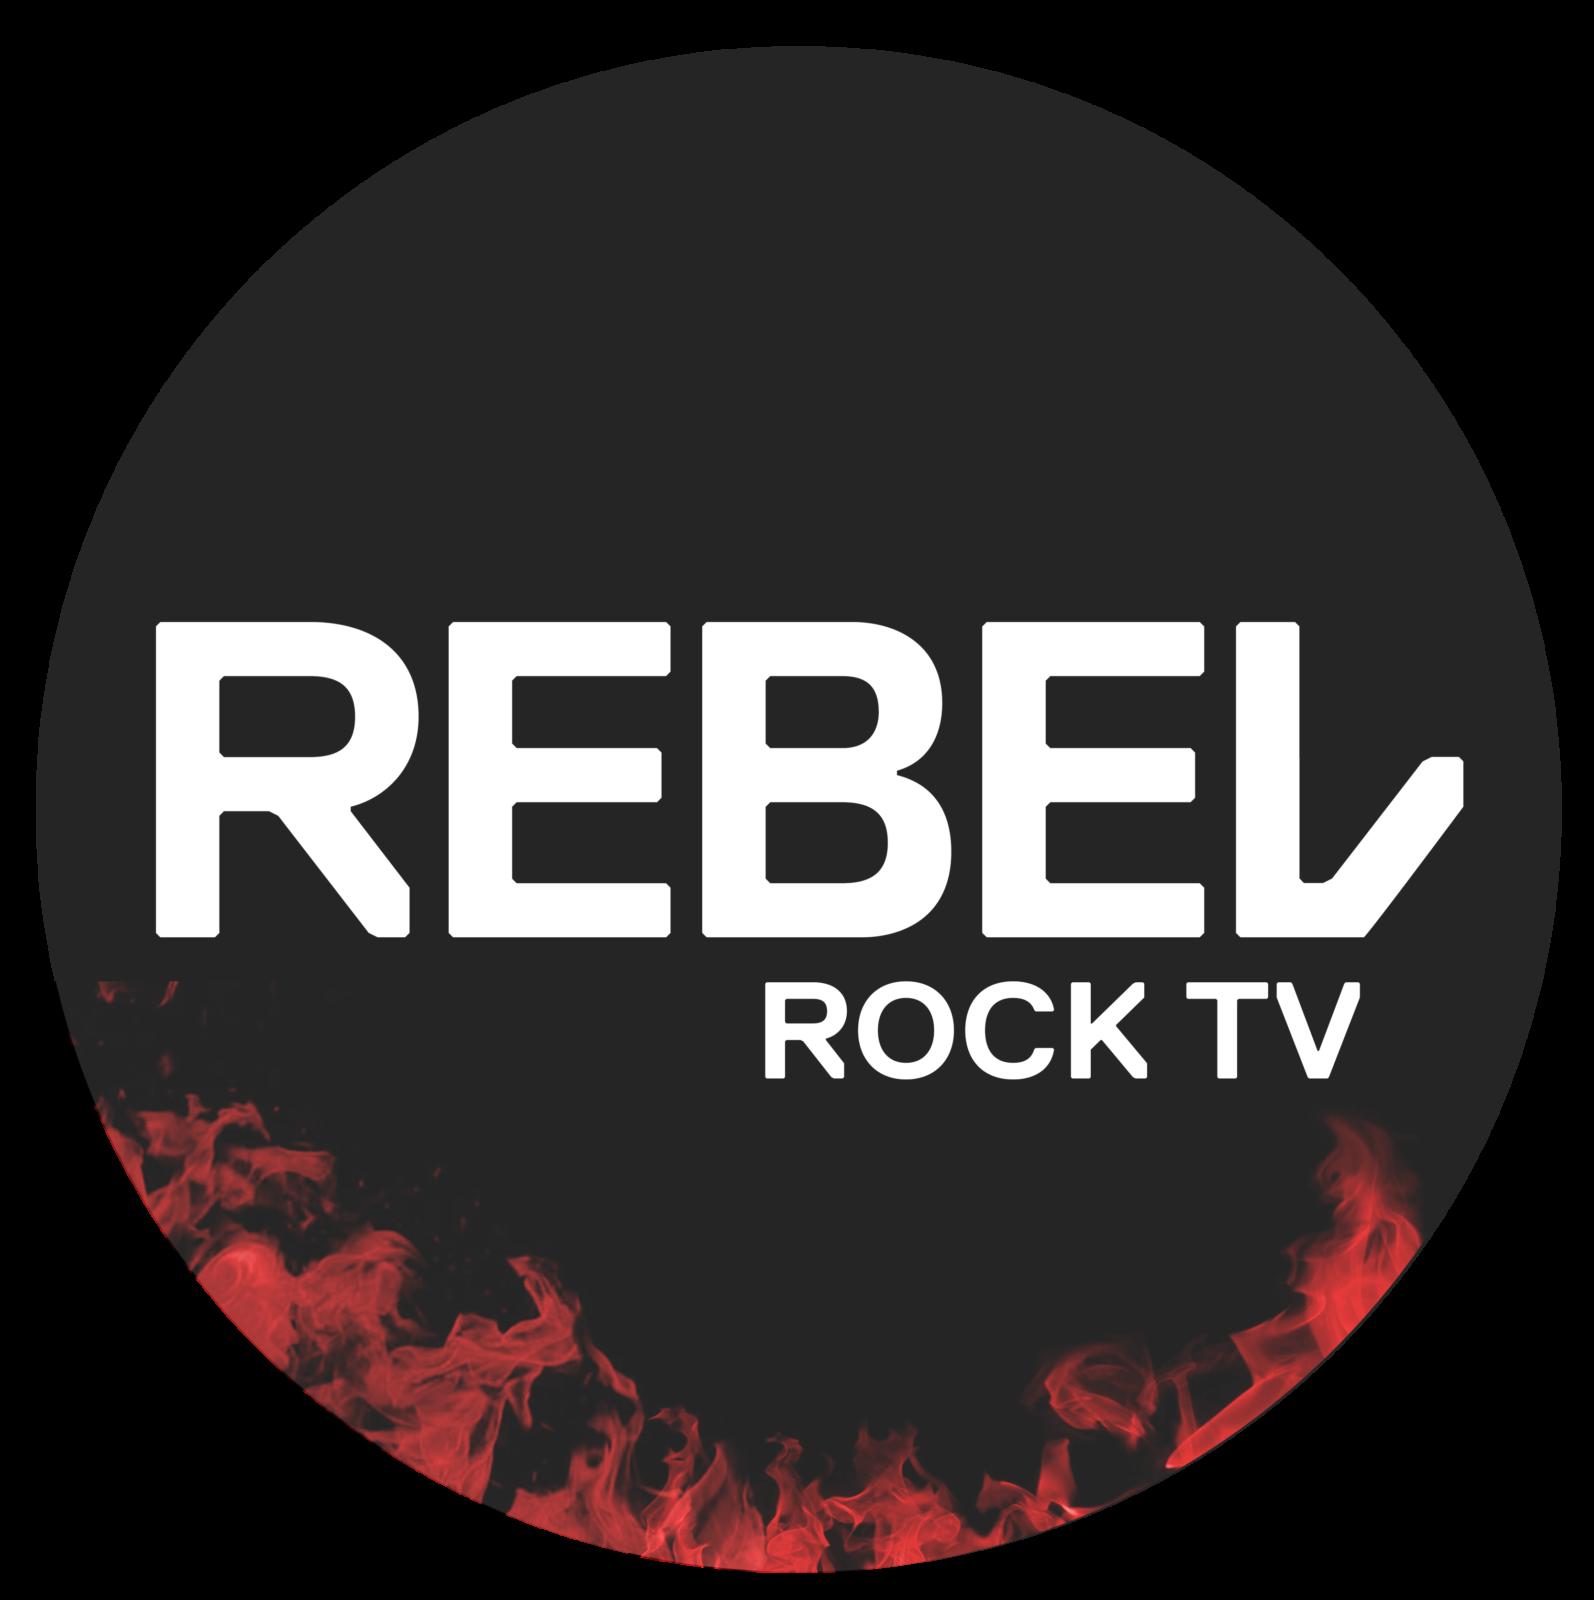 logo_kolecko_rebel_b